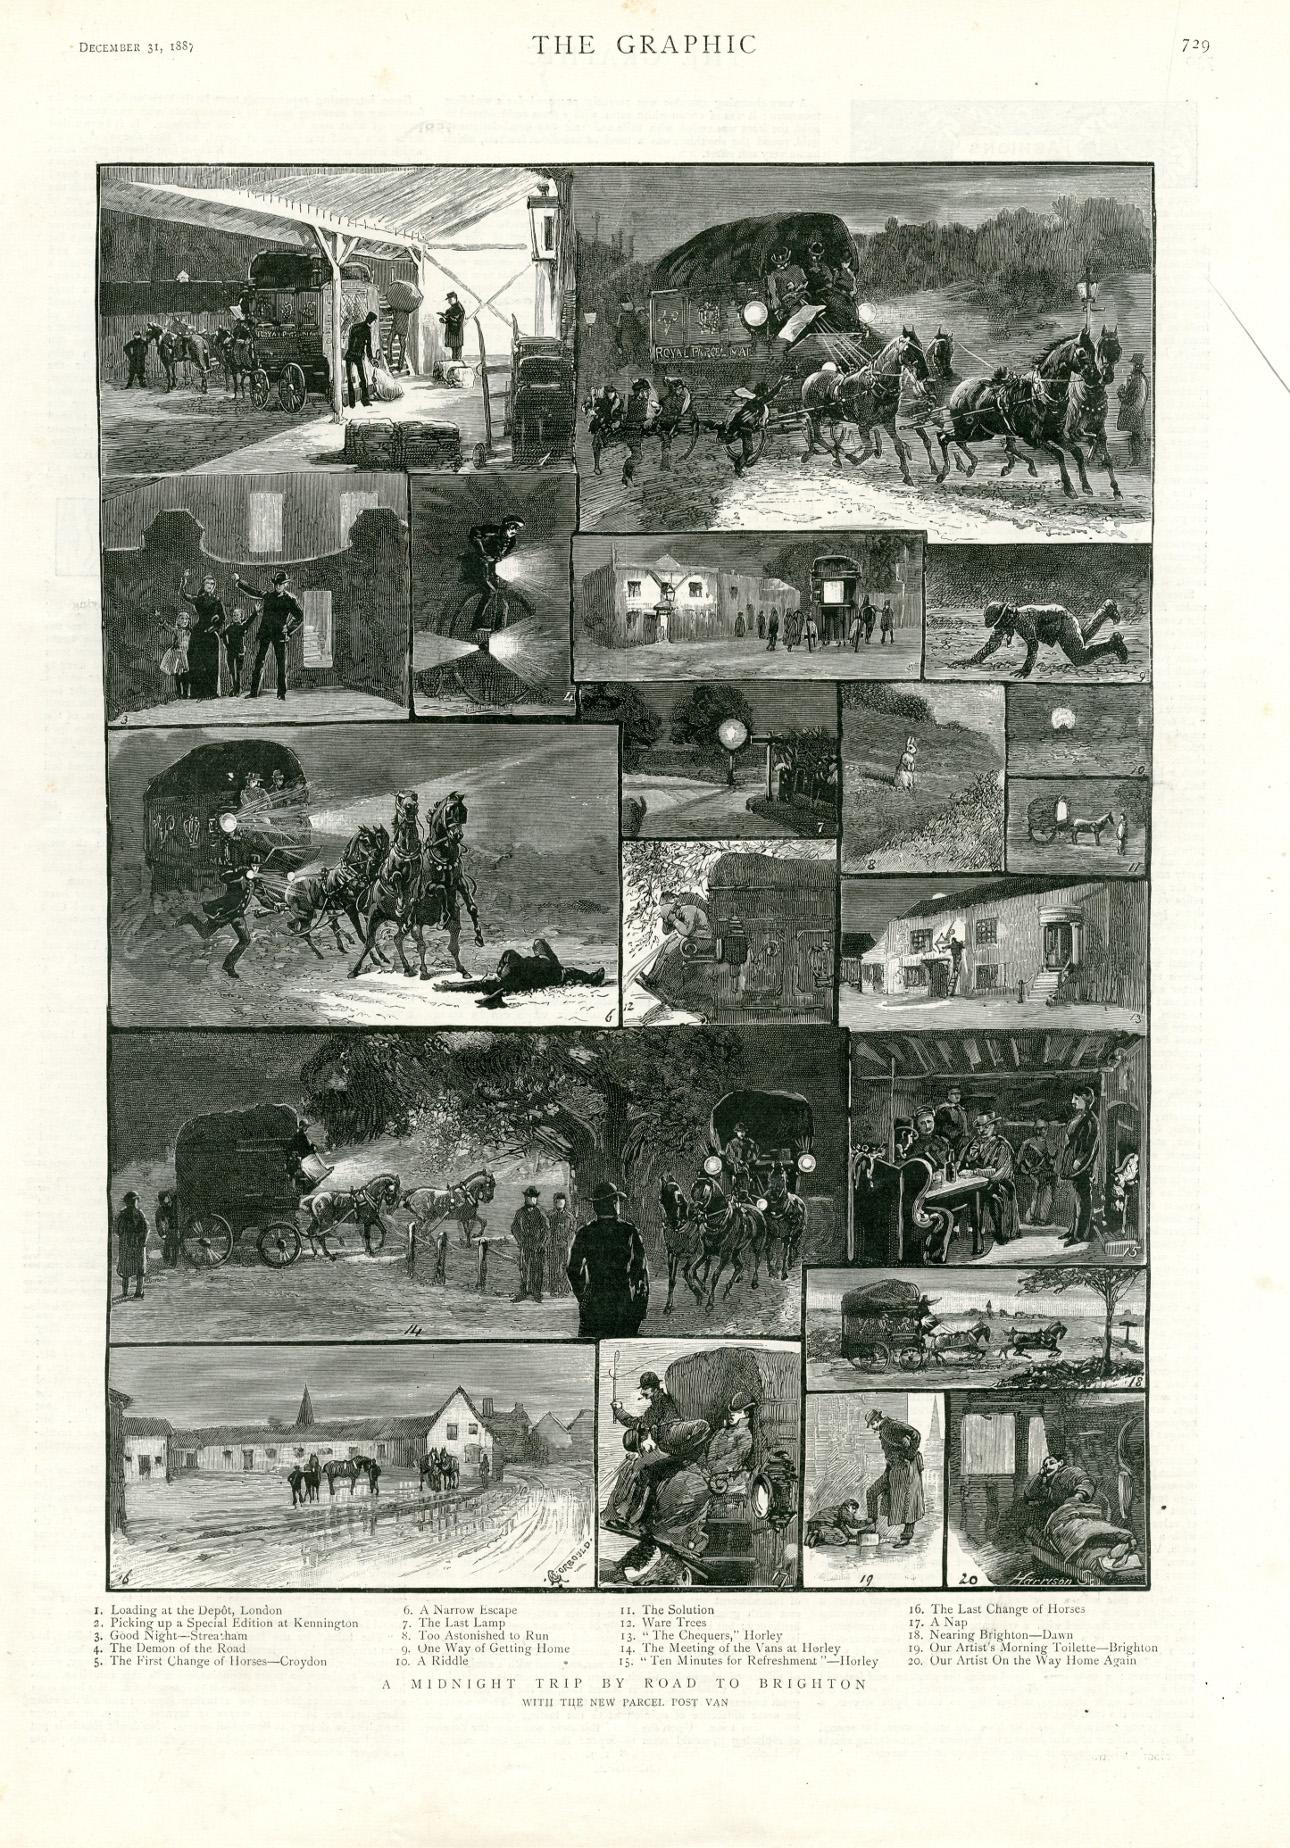 « Un voyage de nuit vers Brighton, par la nouvelle malle postale », reportage graphique par A.C. Corbould. Gravure sur bois. The Graphic (31 décembre 1887)